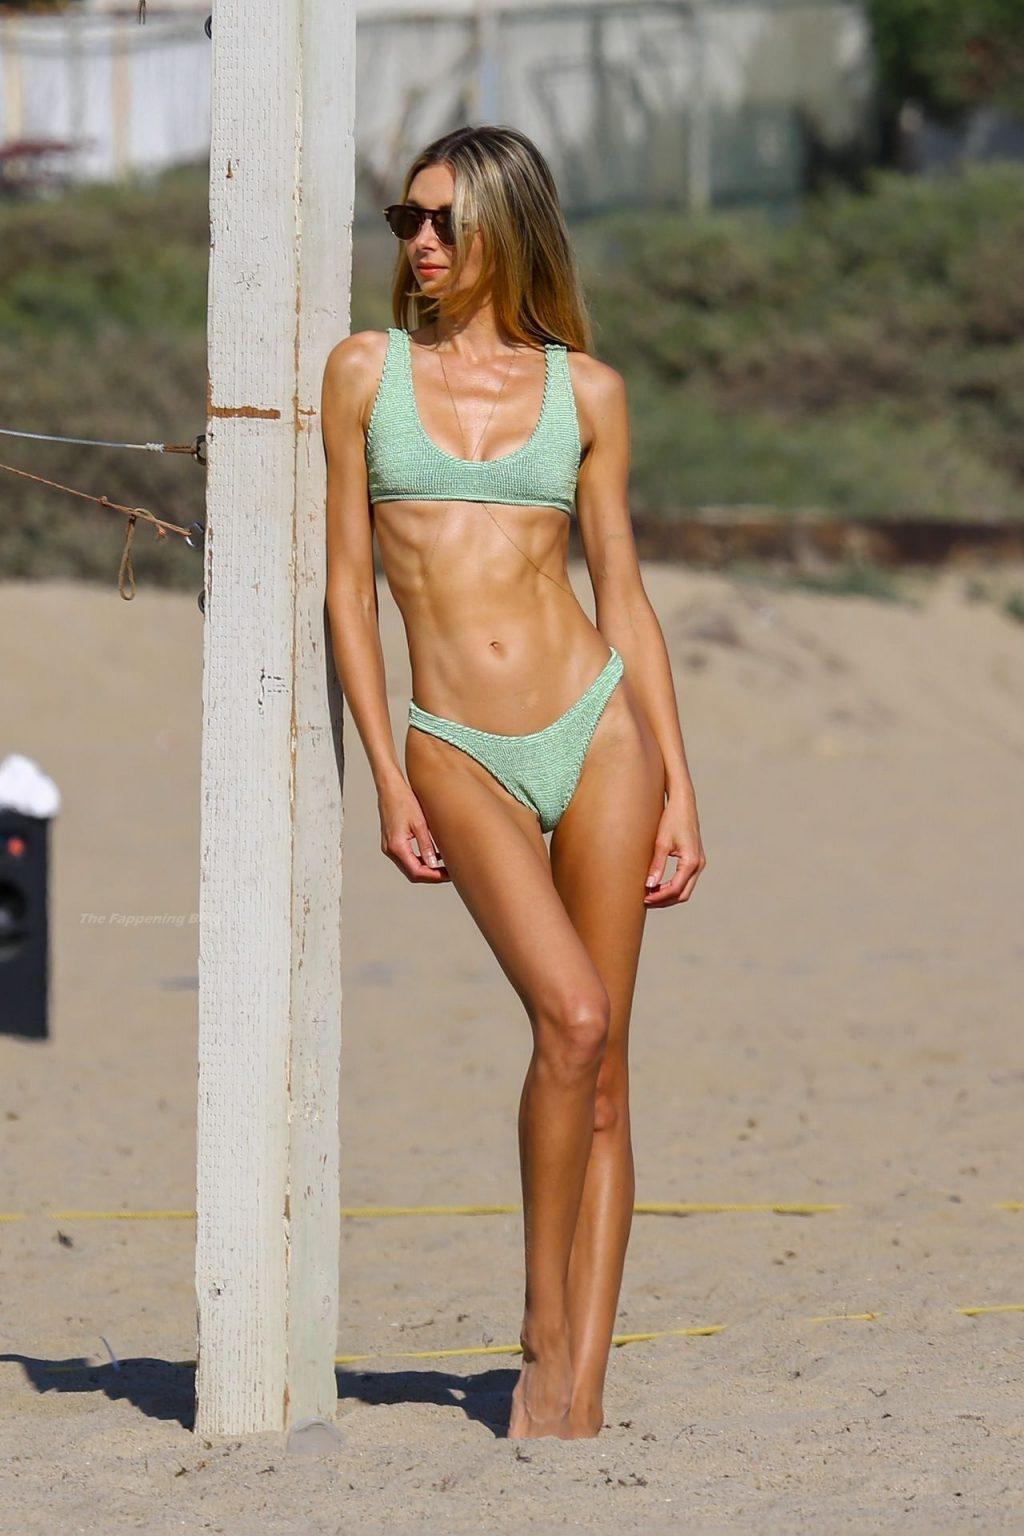 Ludi Delfino & Marcela Braga Enjoy a Beach Day (57 Photos)